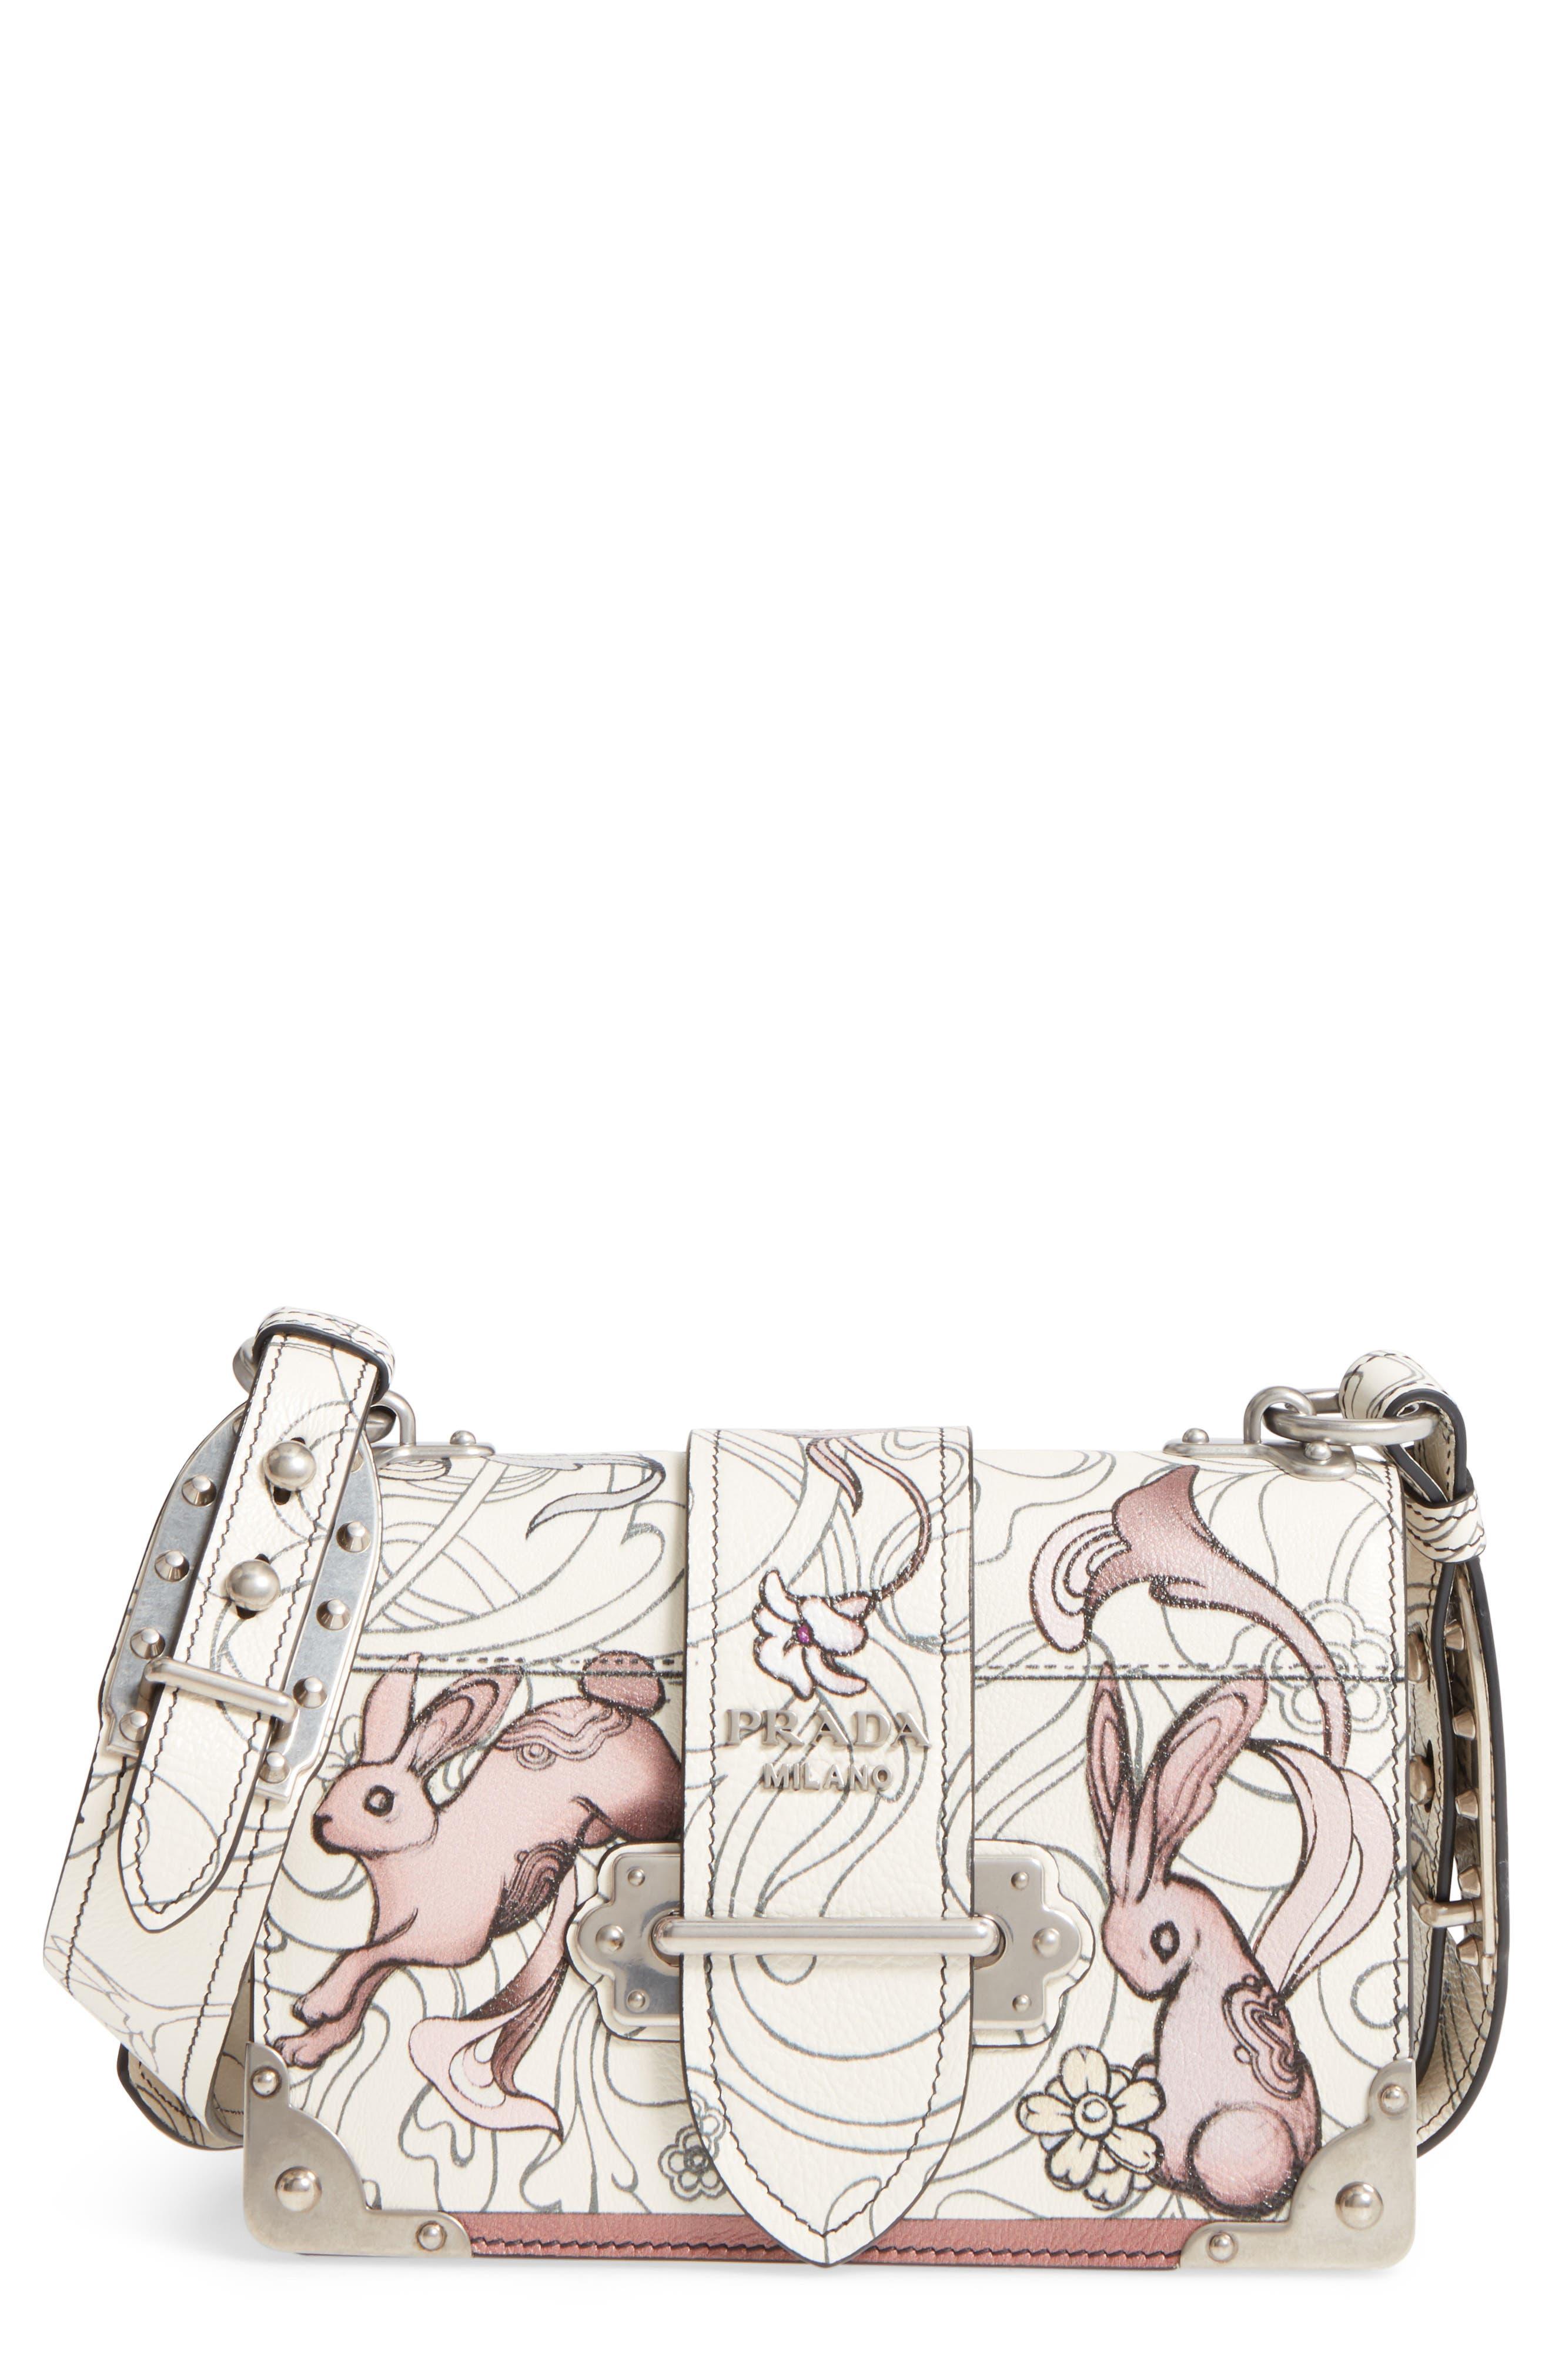 Main Image - Prada Cahier Calfskin Shoulder Bag